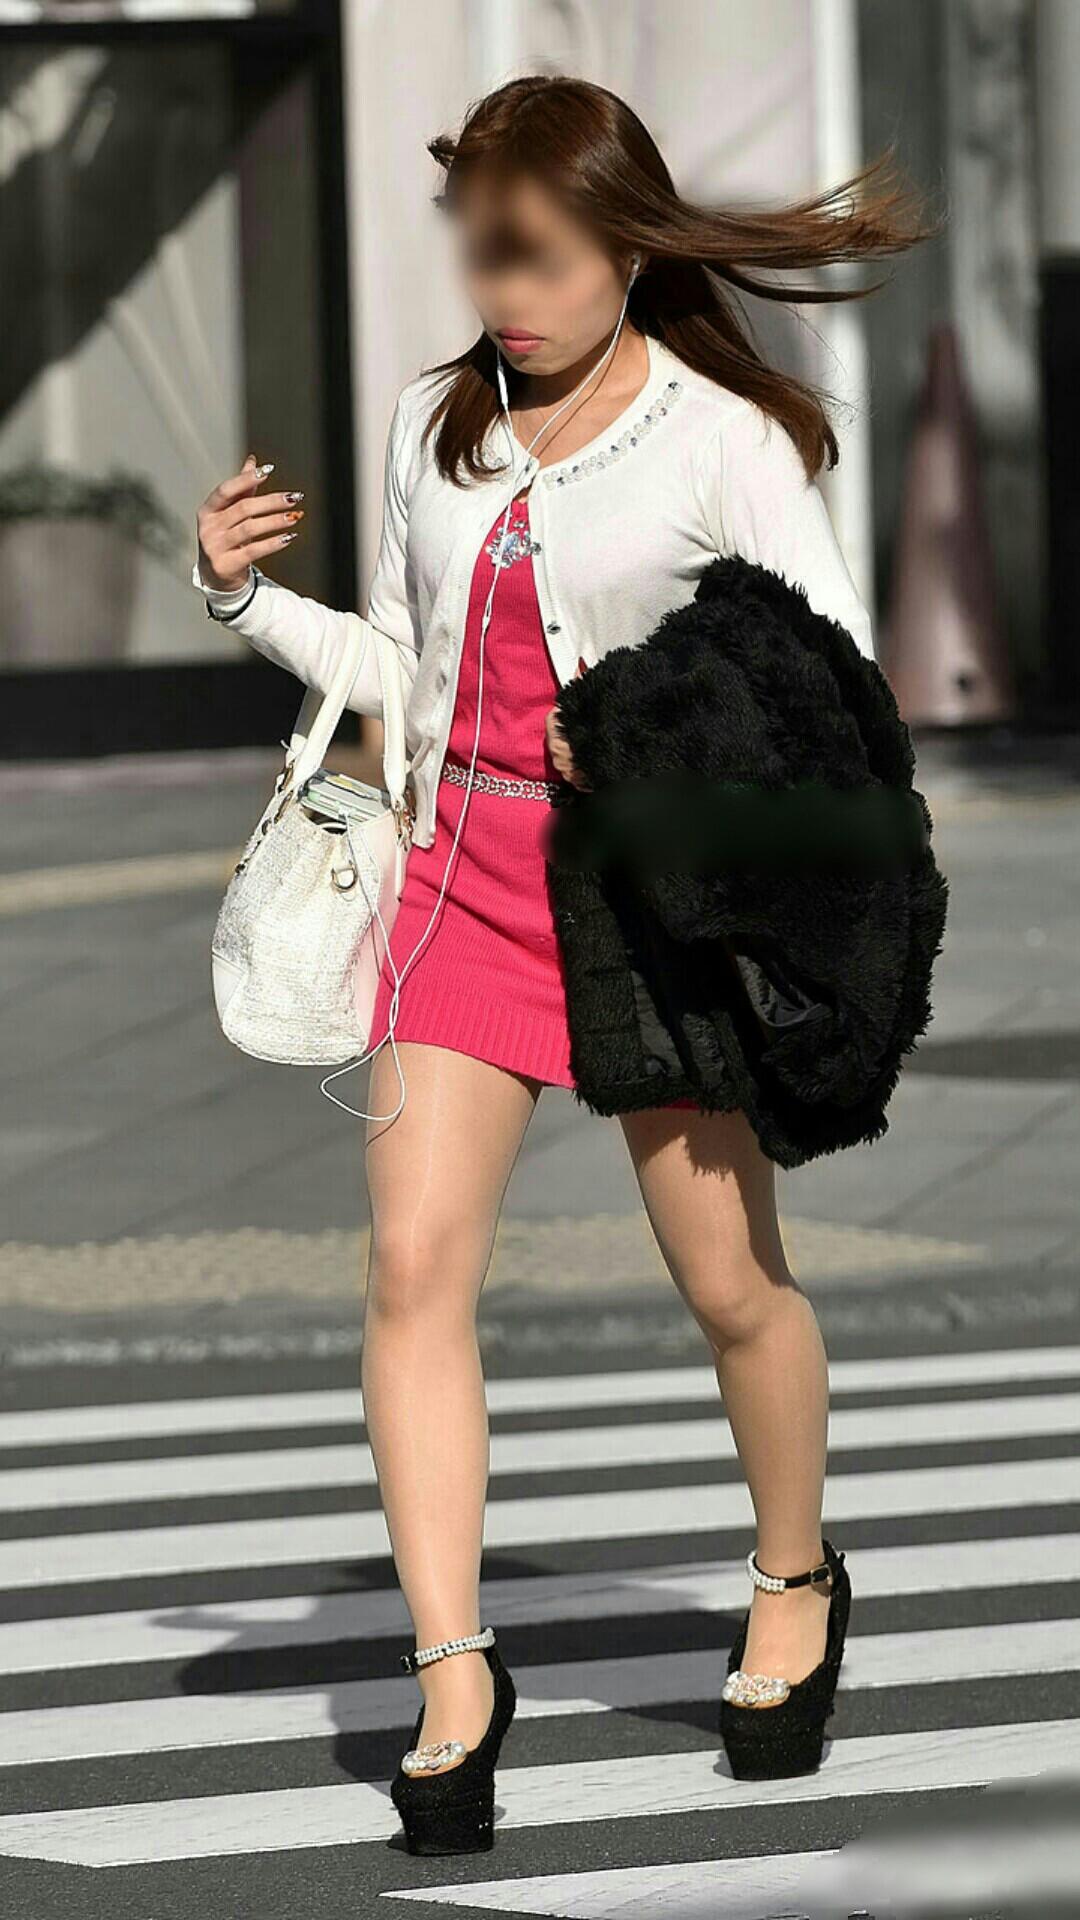 【美脚エロ画像】街へ行けば漏れなく遭遇w見てて飽きない現代女性の美脚www 05